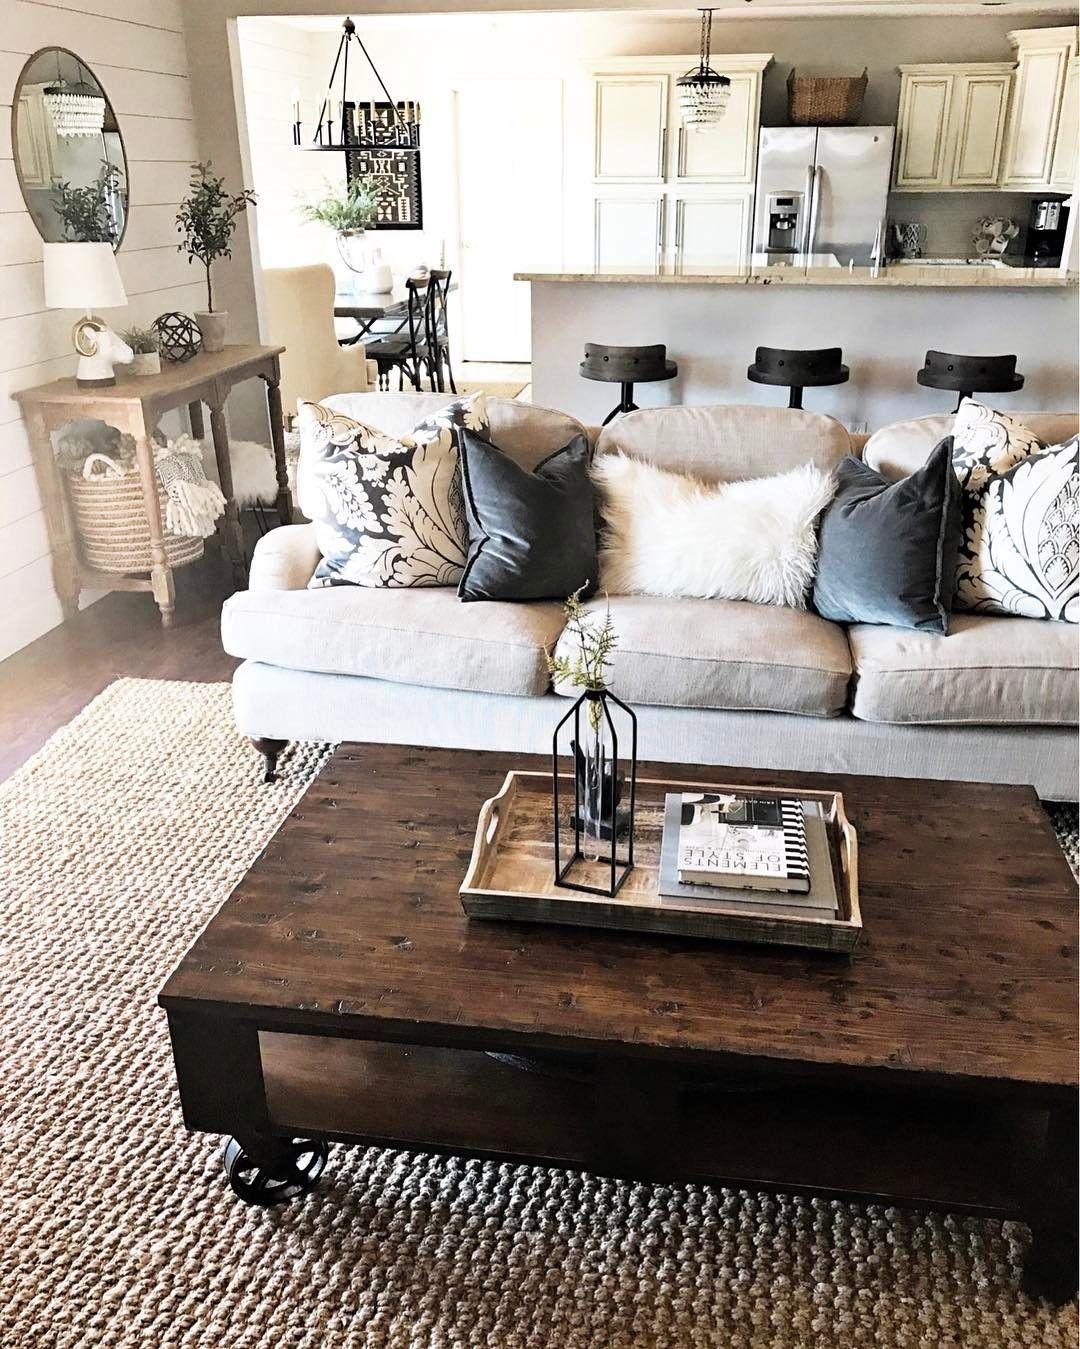 Pin by renée nolteprice on home pinterest casas hogar and muebles